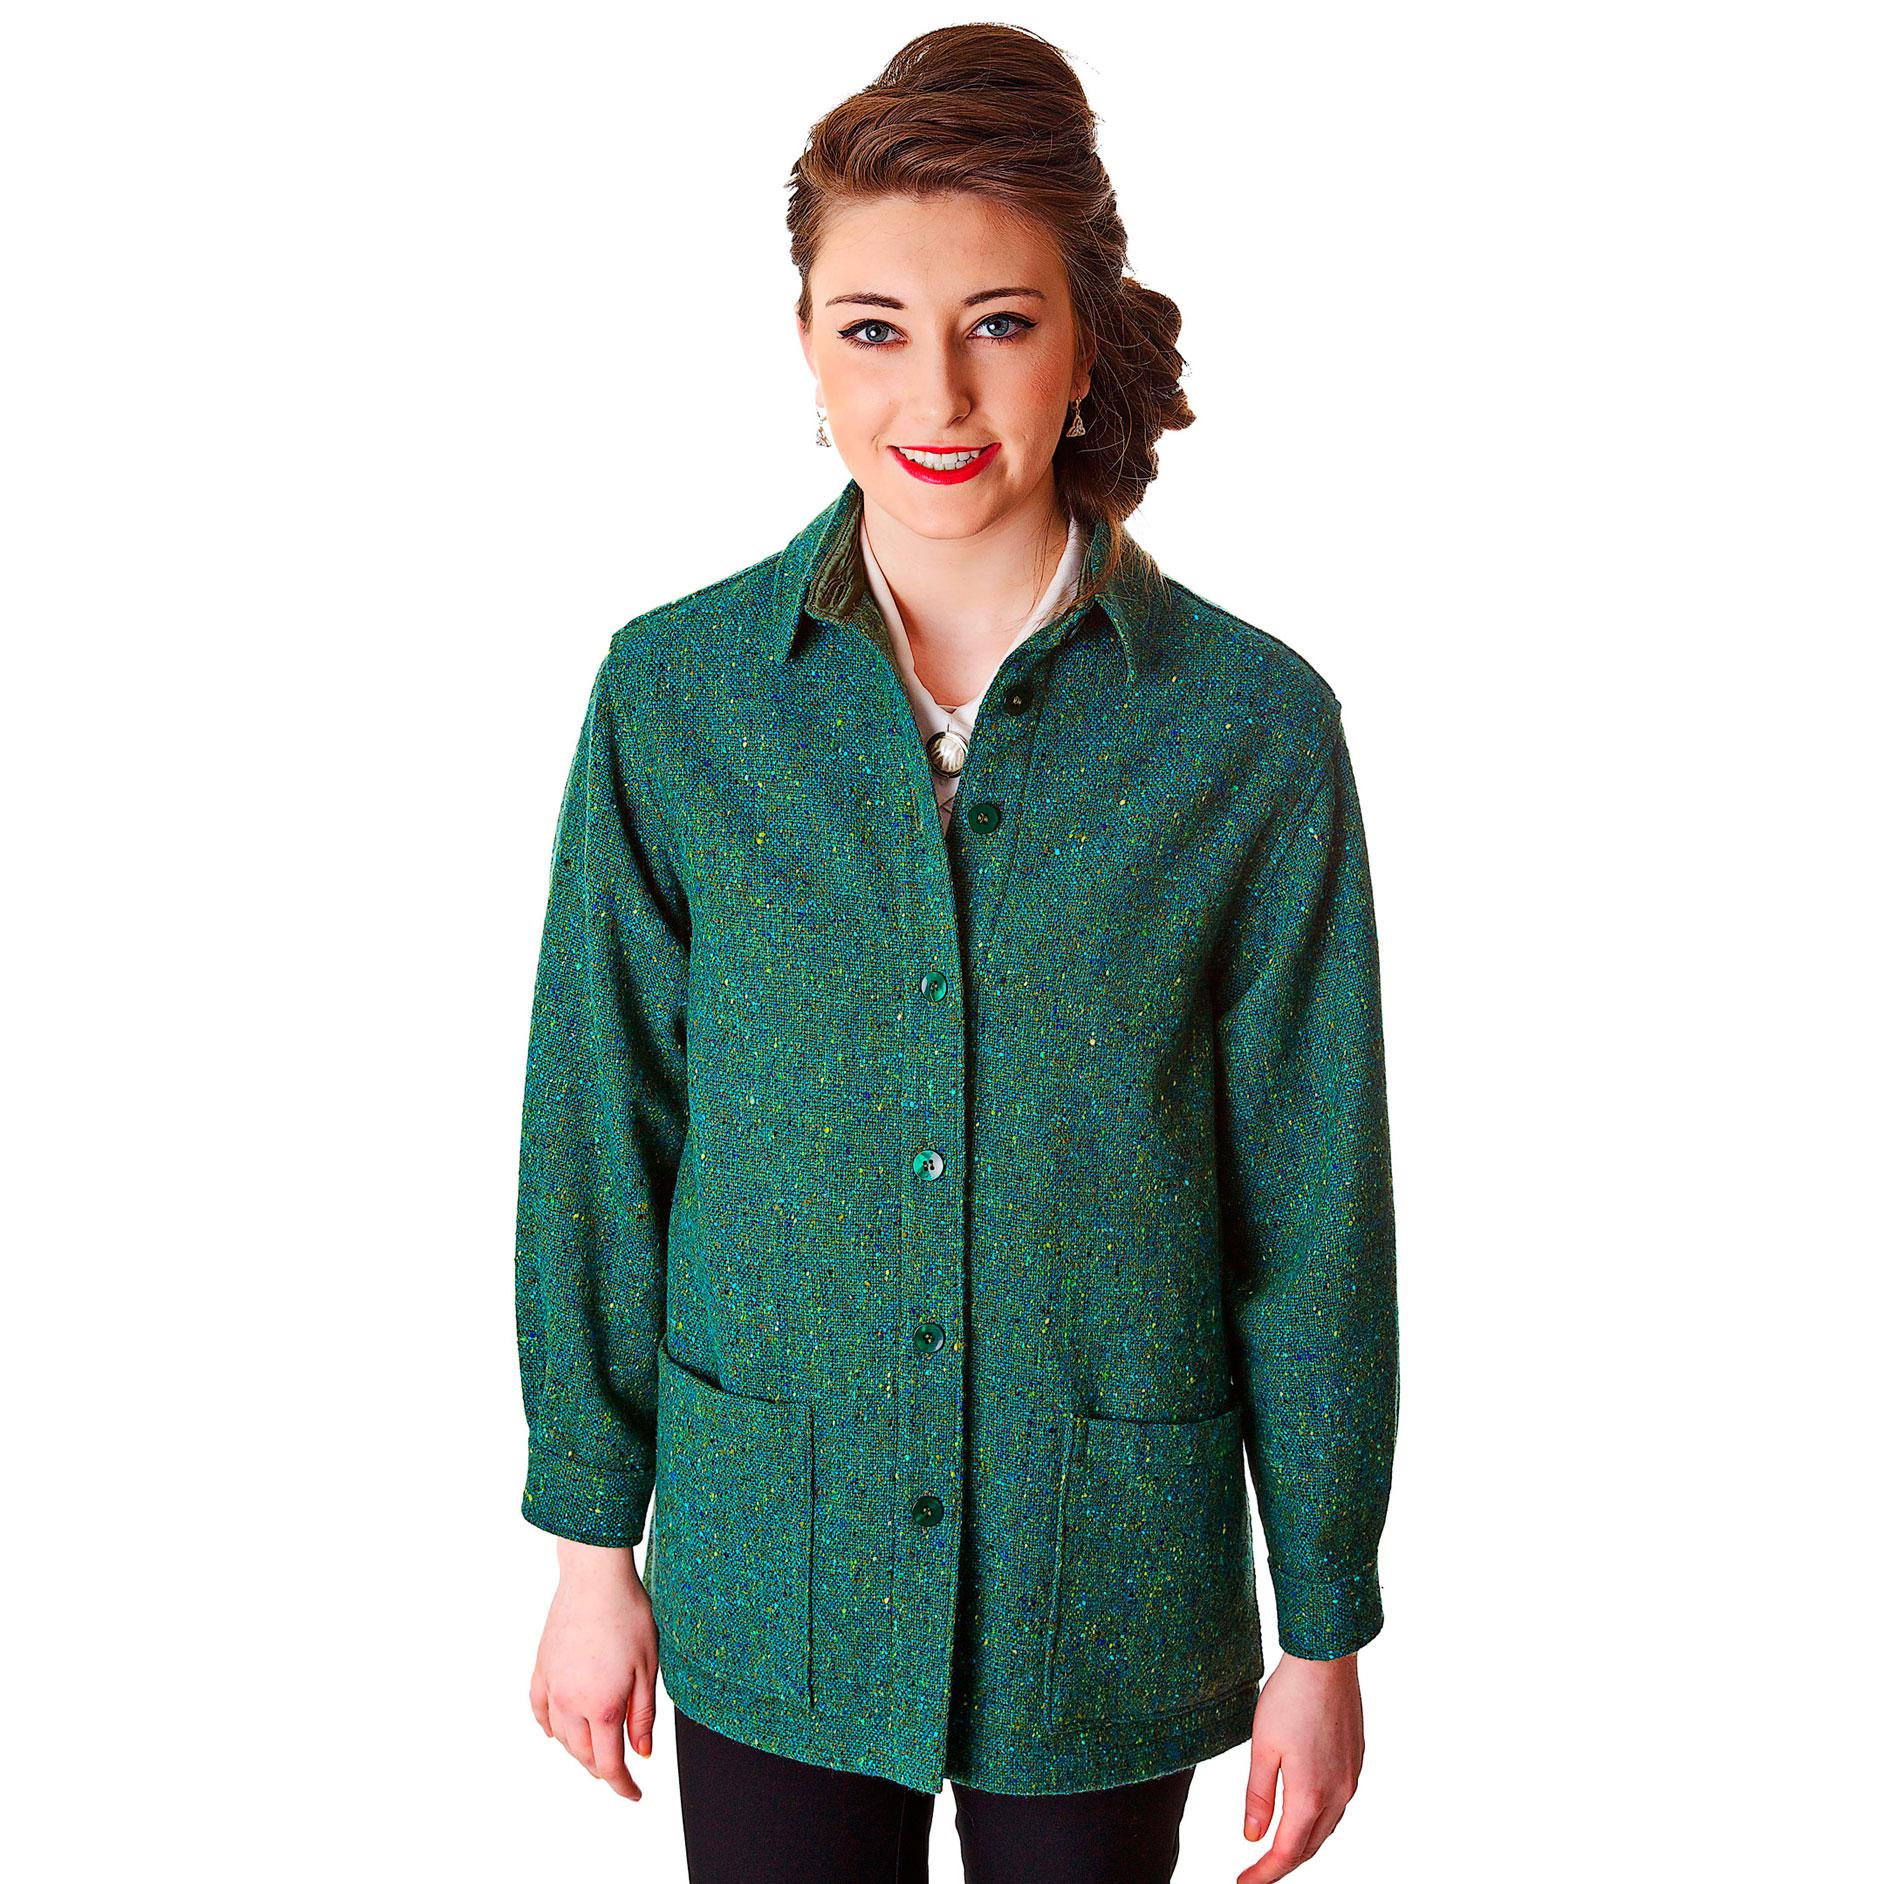 Shirt Jacket - Moriartys Authentic Irish Gift Store